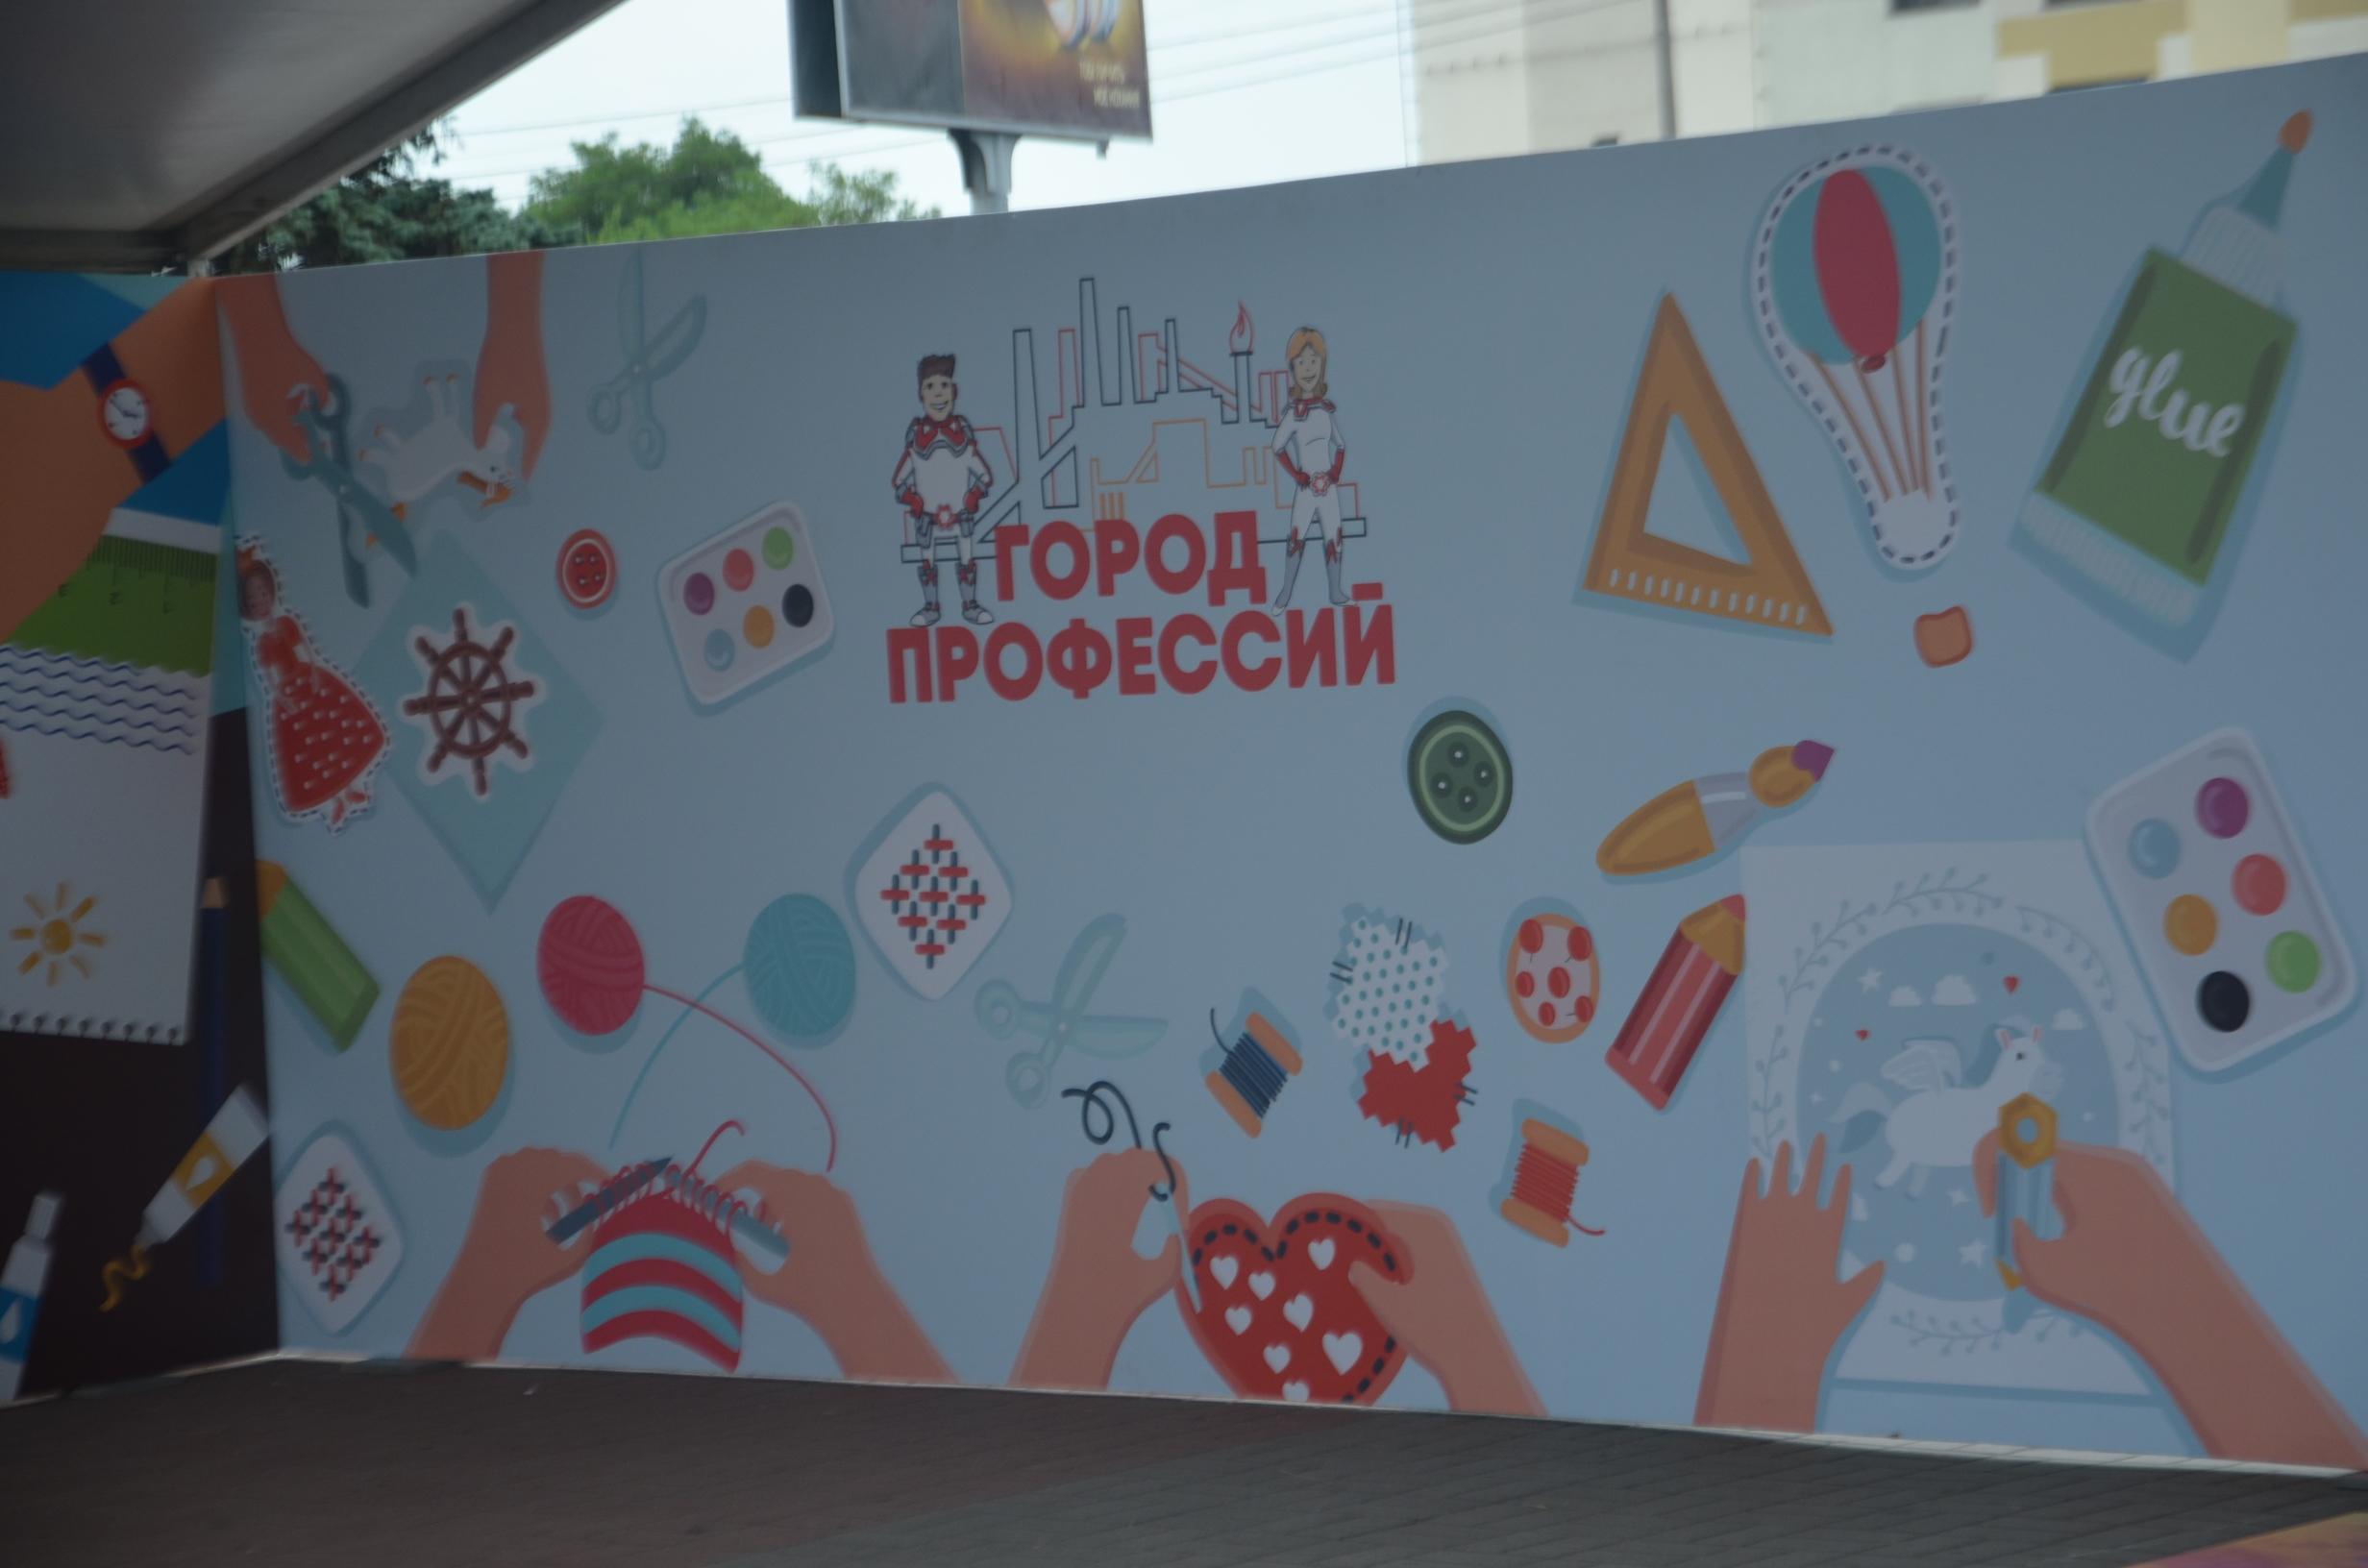 На выходных в Запорожье откроют учебно-развлекательную площадку «Город профессий» - ФОТО